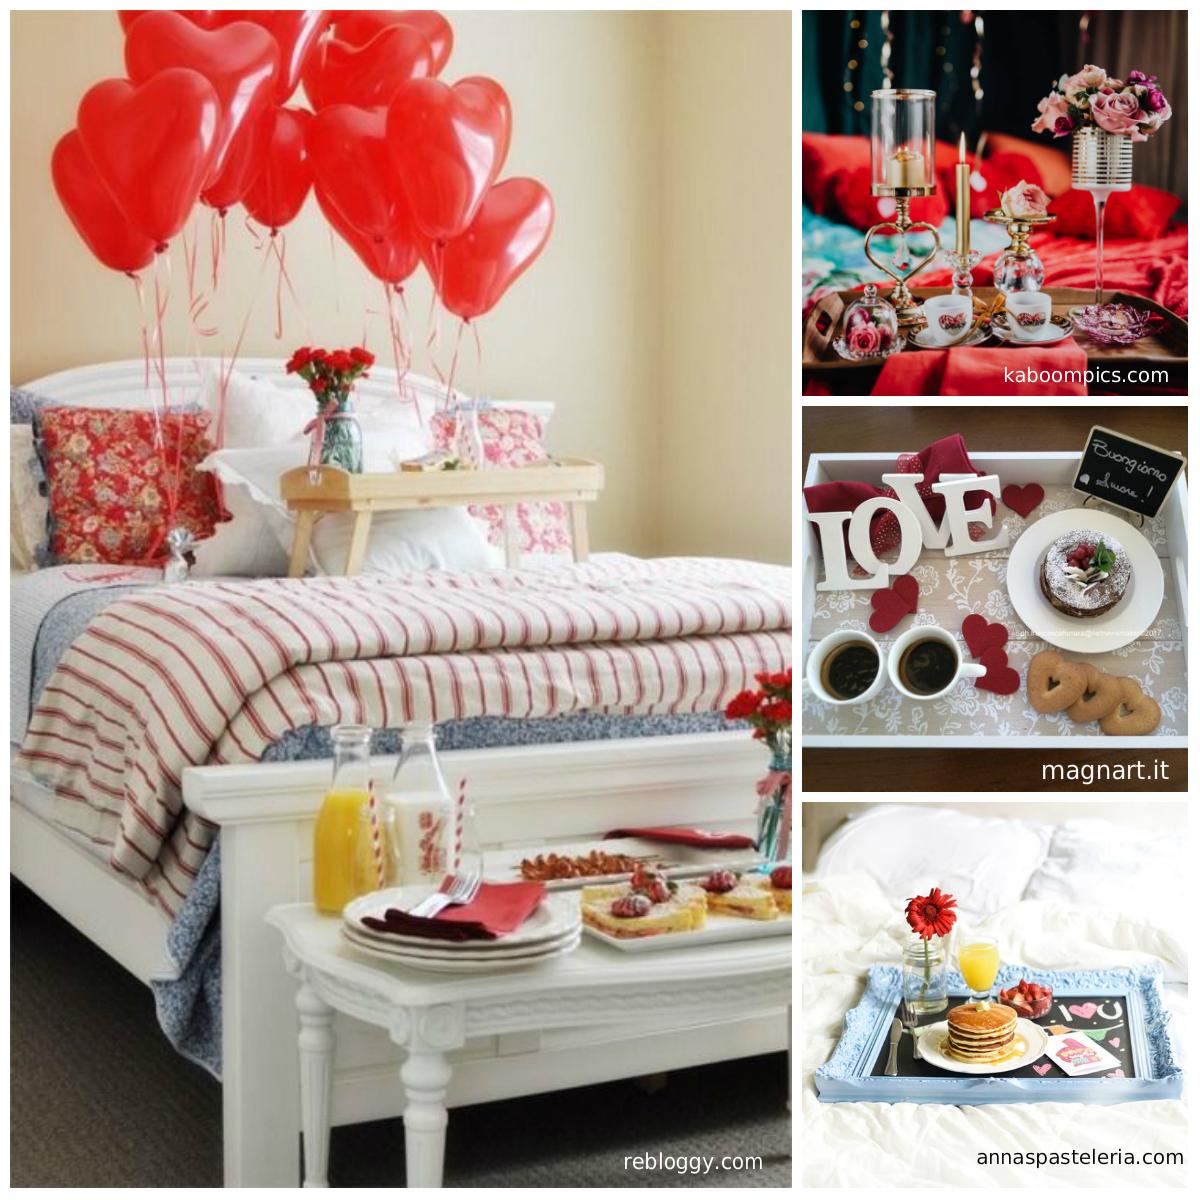 ea1fdbbde06e Il primo e inaspettato modo per rendere una colazione romantica è  decisamente cambiarle location. In questo la colazione a letto può essere  fenomenale come ...